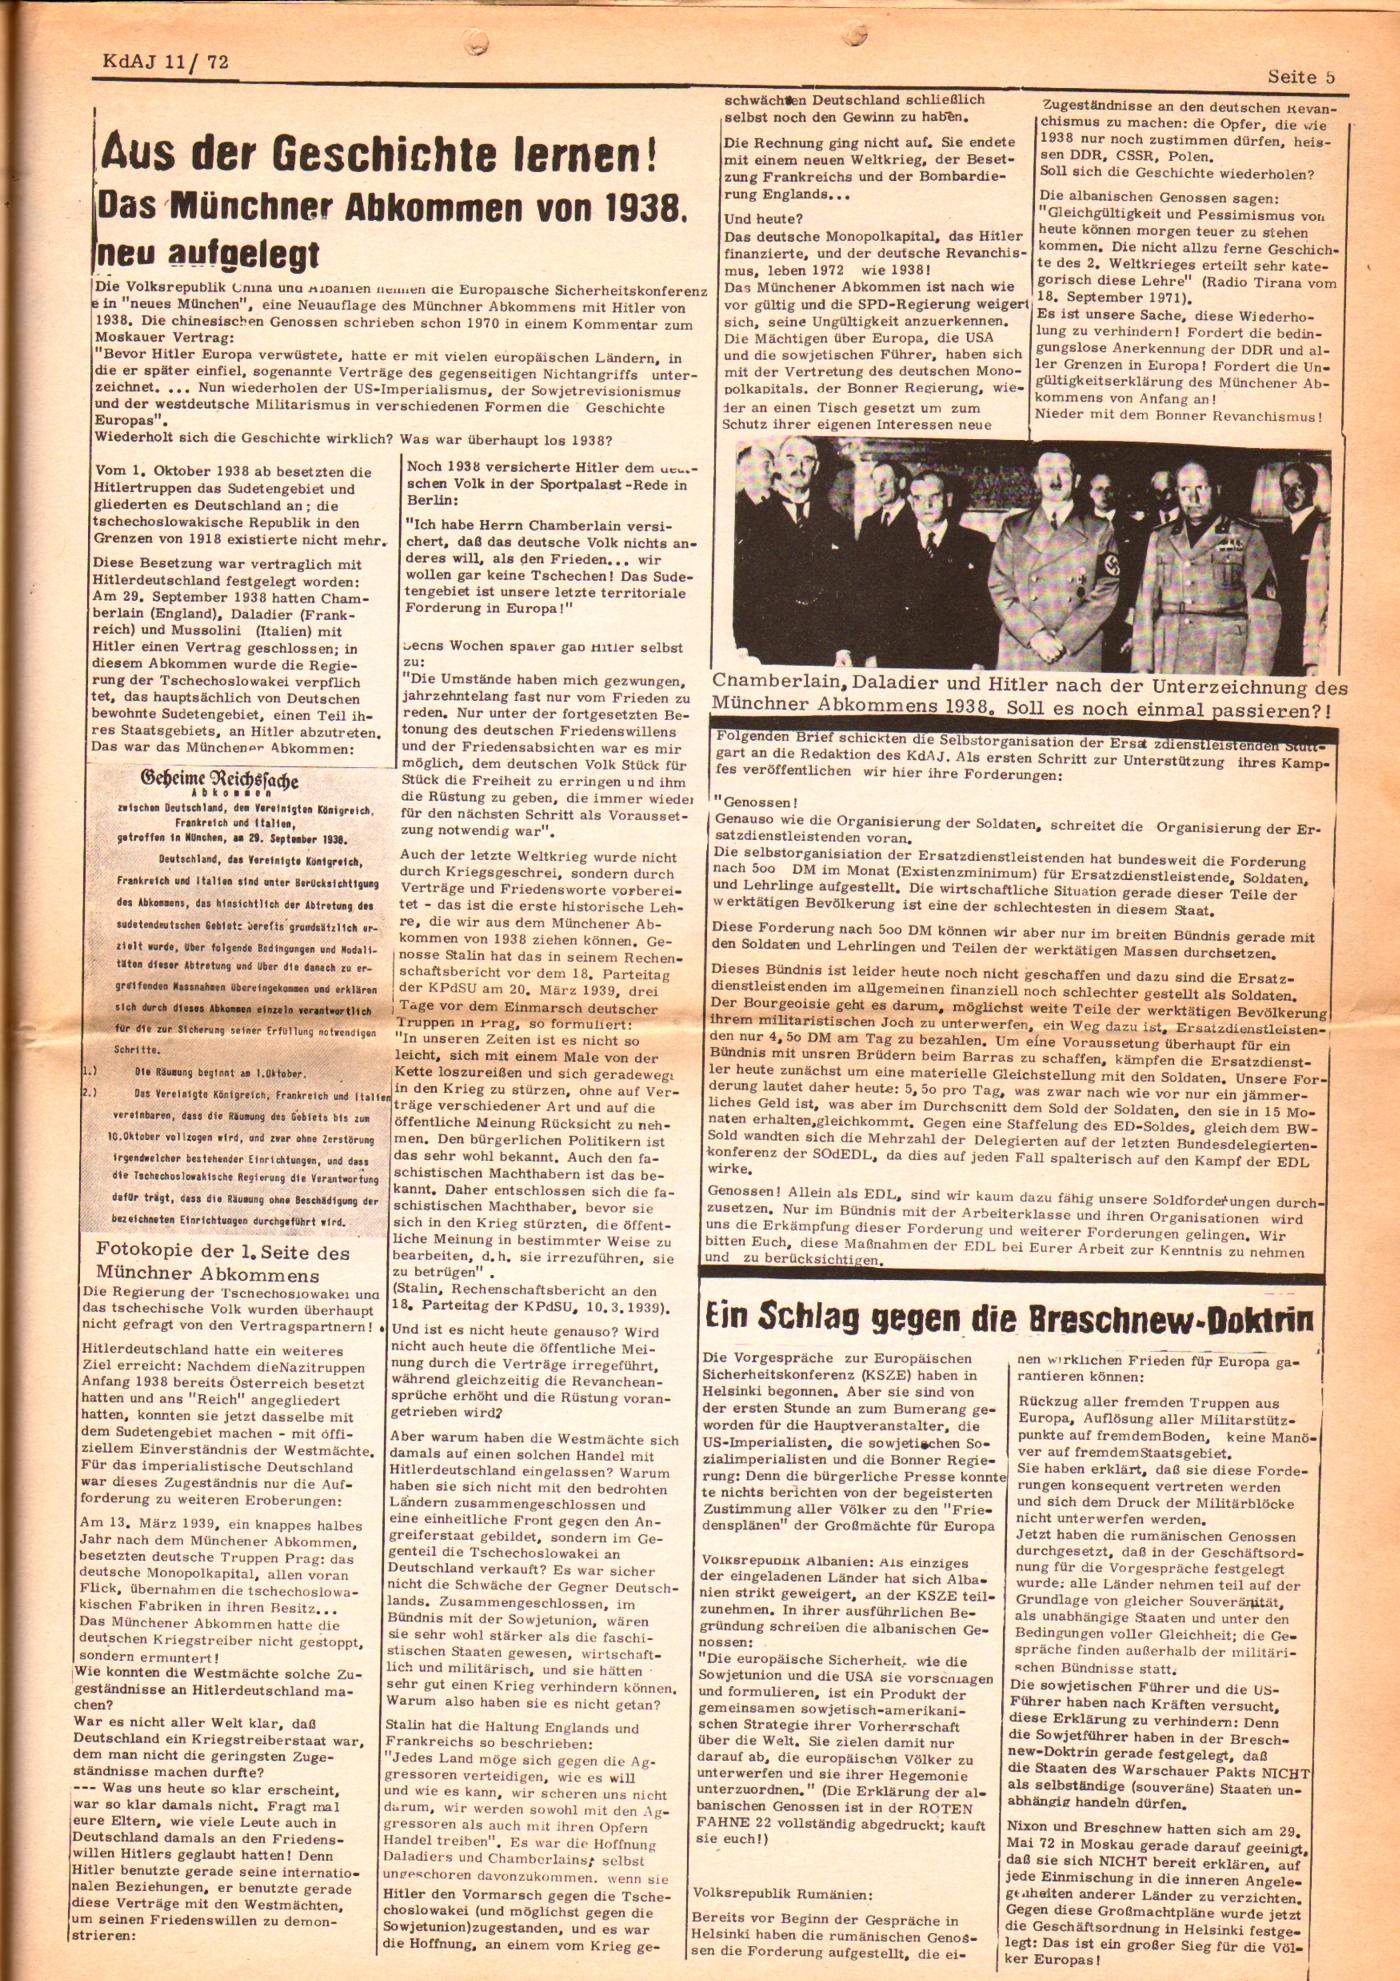 KDAJ, 3. Jg., Dezember 1972, Nr. 11, Seite 5